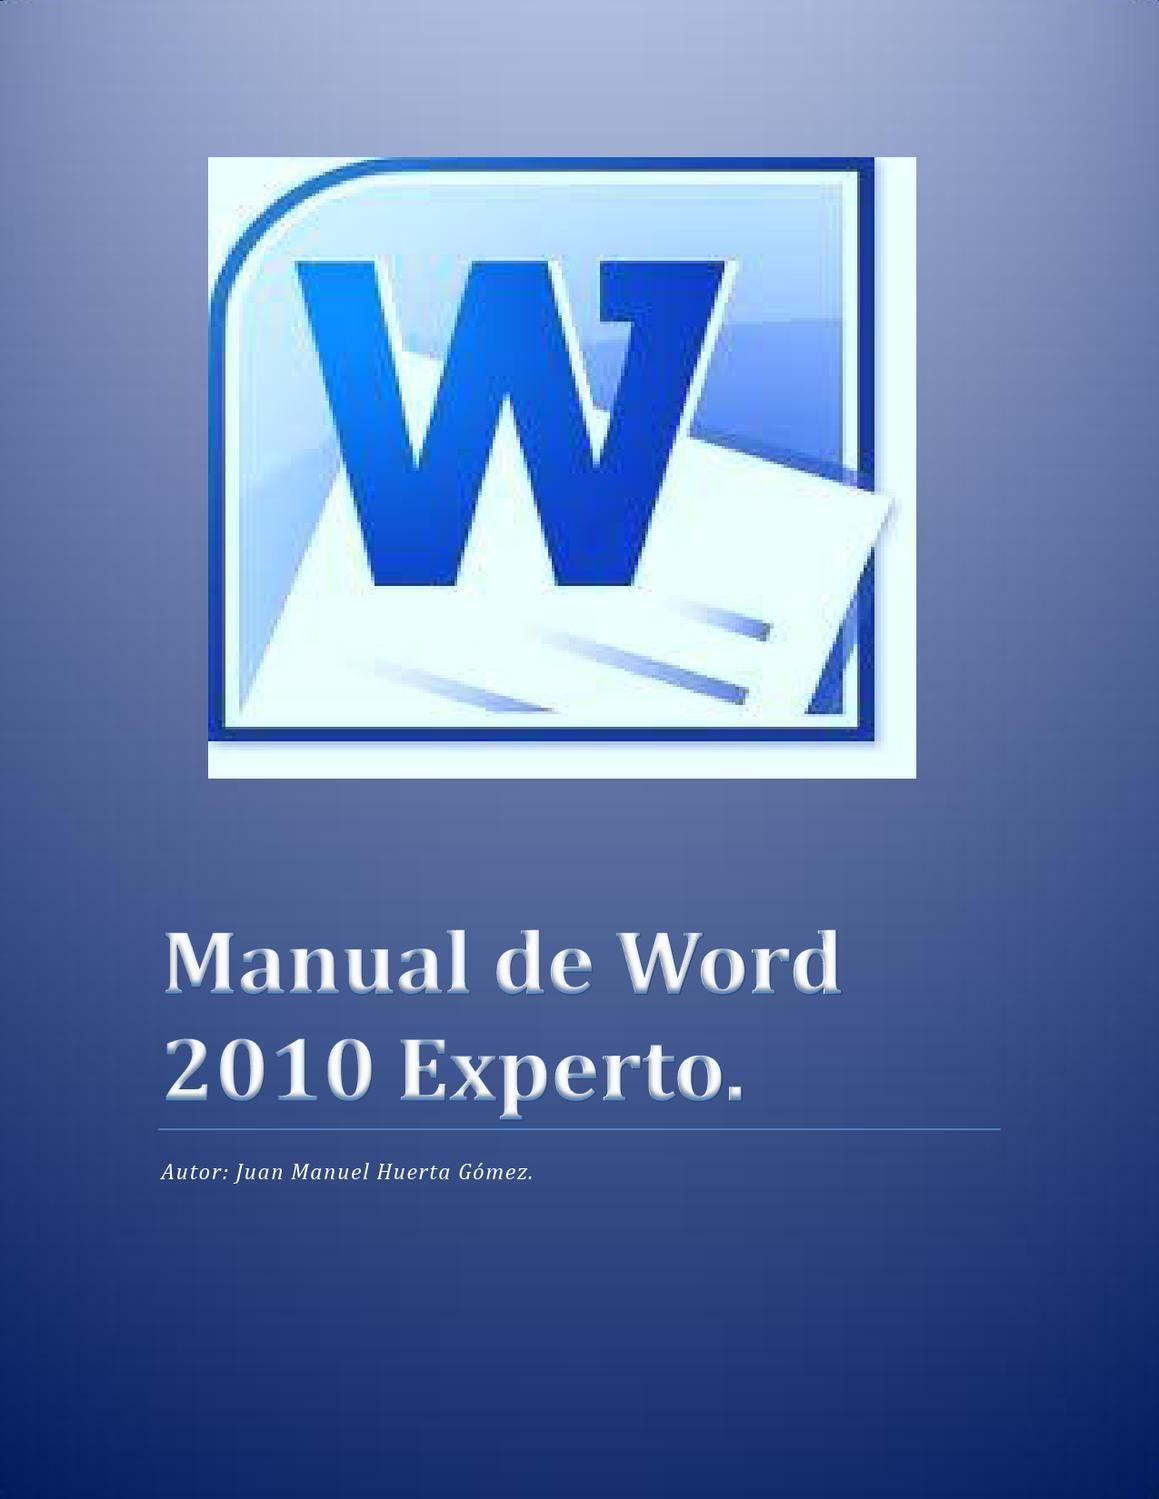 MANUAL DE WORD | Crear